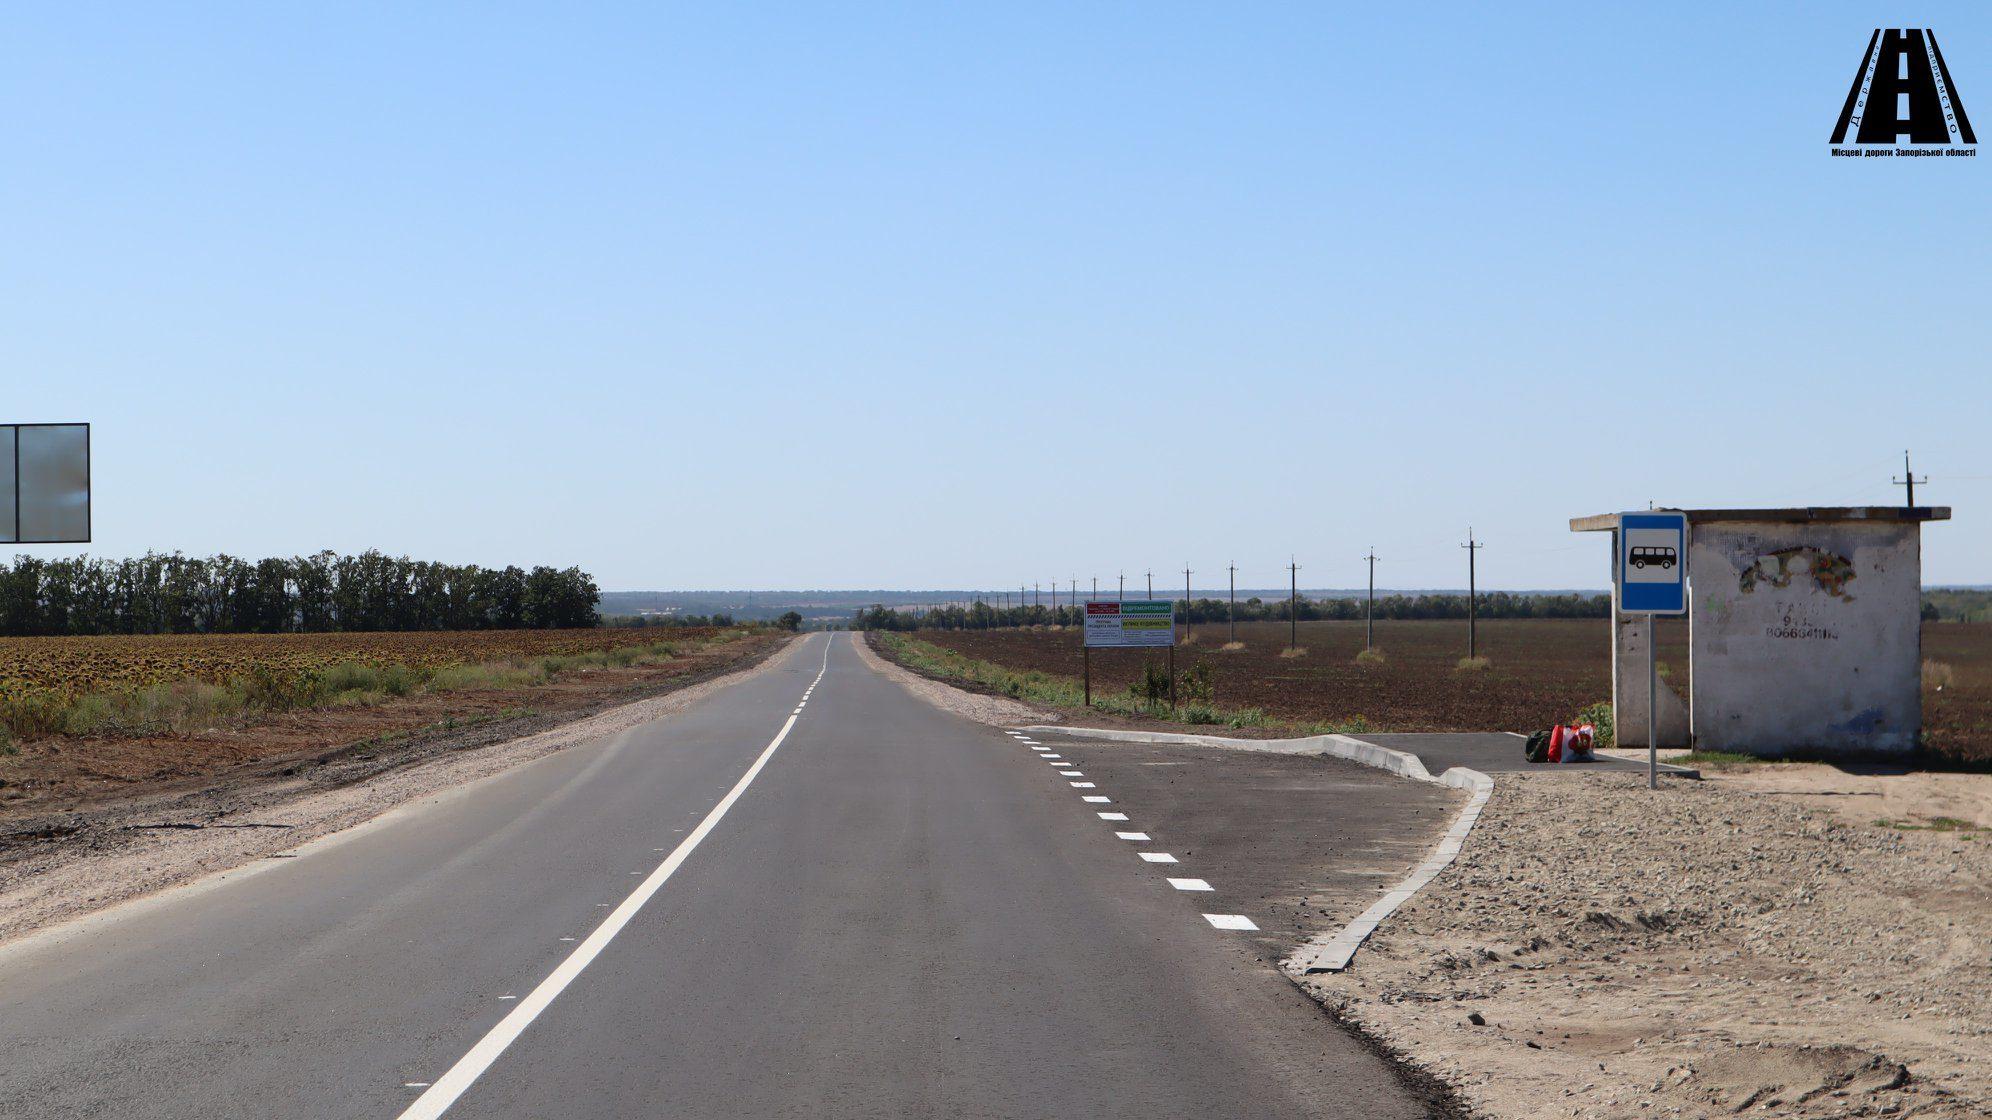 У Запорізькій області за 30 мільйонів відремонтували 6 кілометрів ще однієї місцевої дороги, – ФОТО